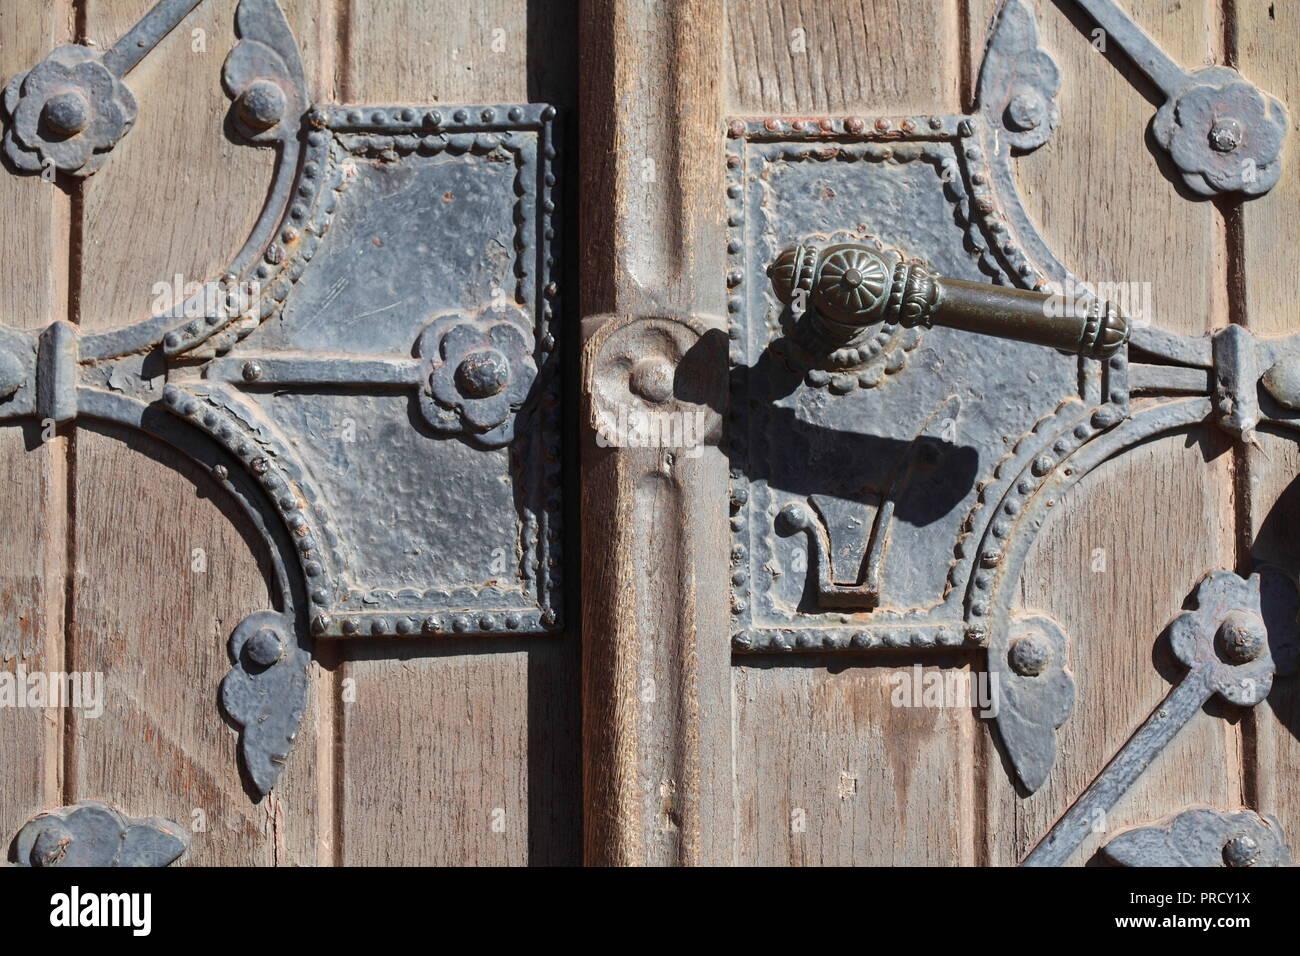 Alte Tür Verriegelung an einem alten Haus, Bremen, Deutschland, Europa ich alte Türklinke ein einem alten Haus, Bremen, Deutschland, Europa I Stockfoto